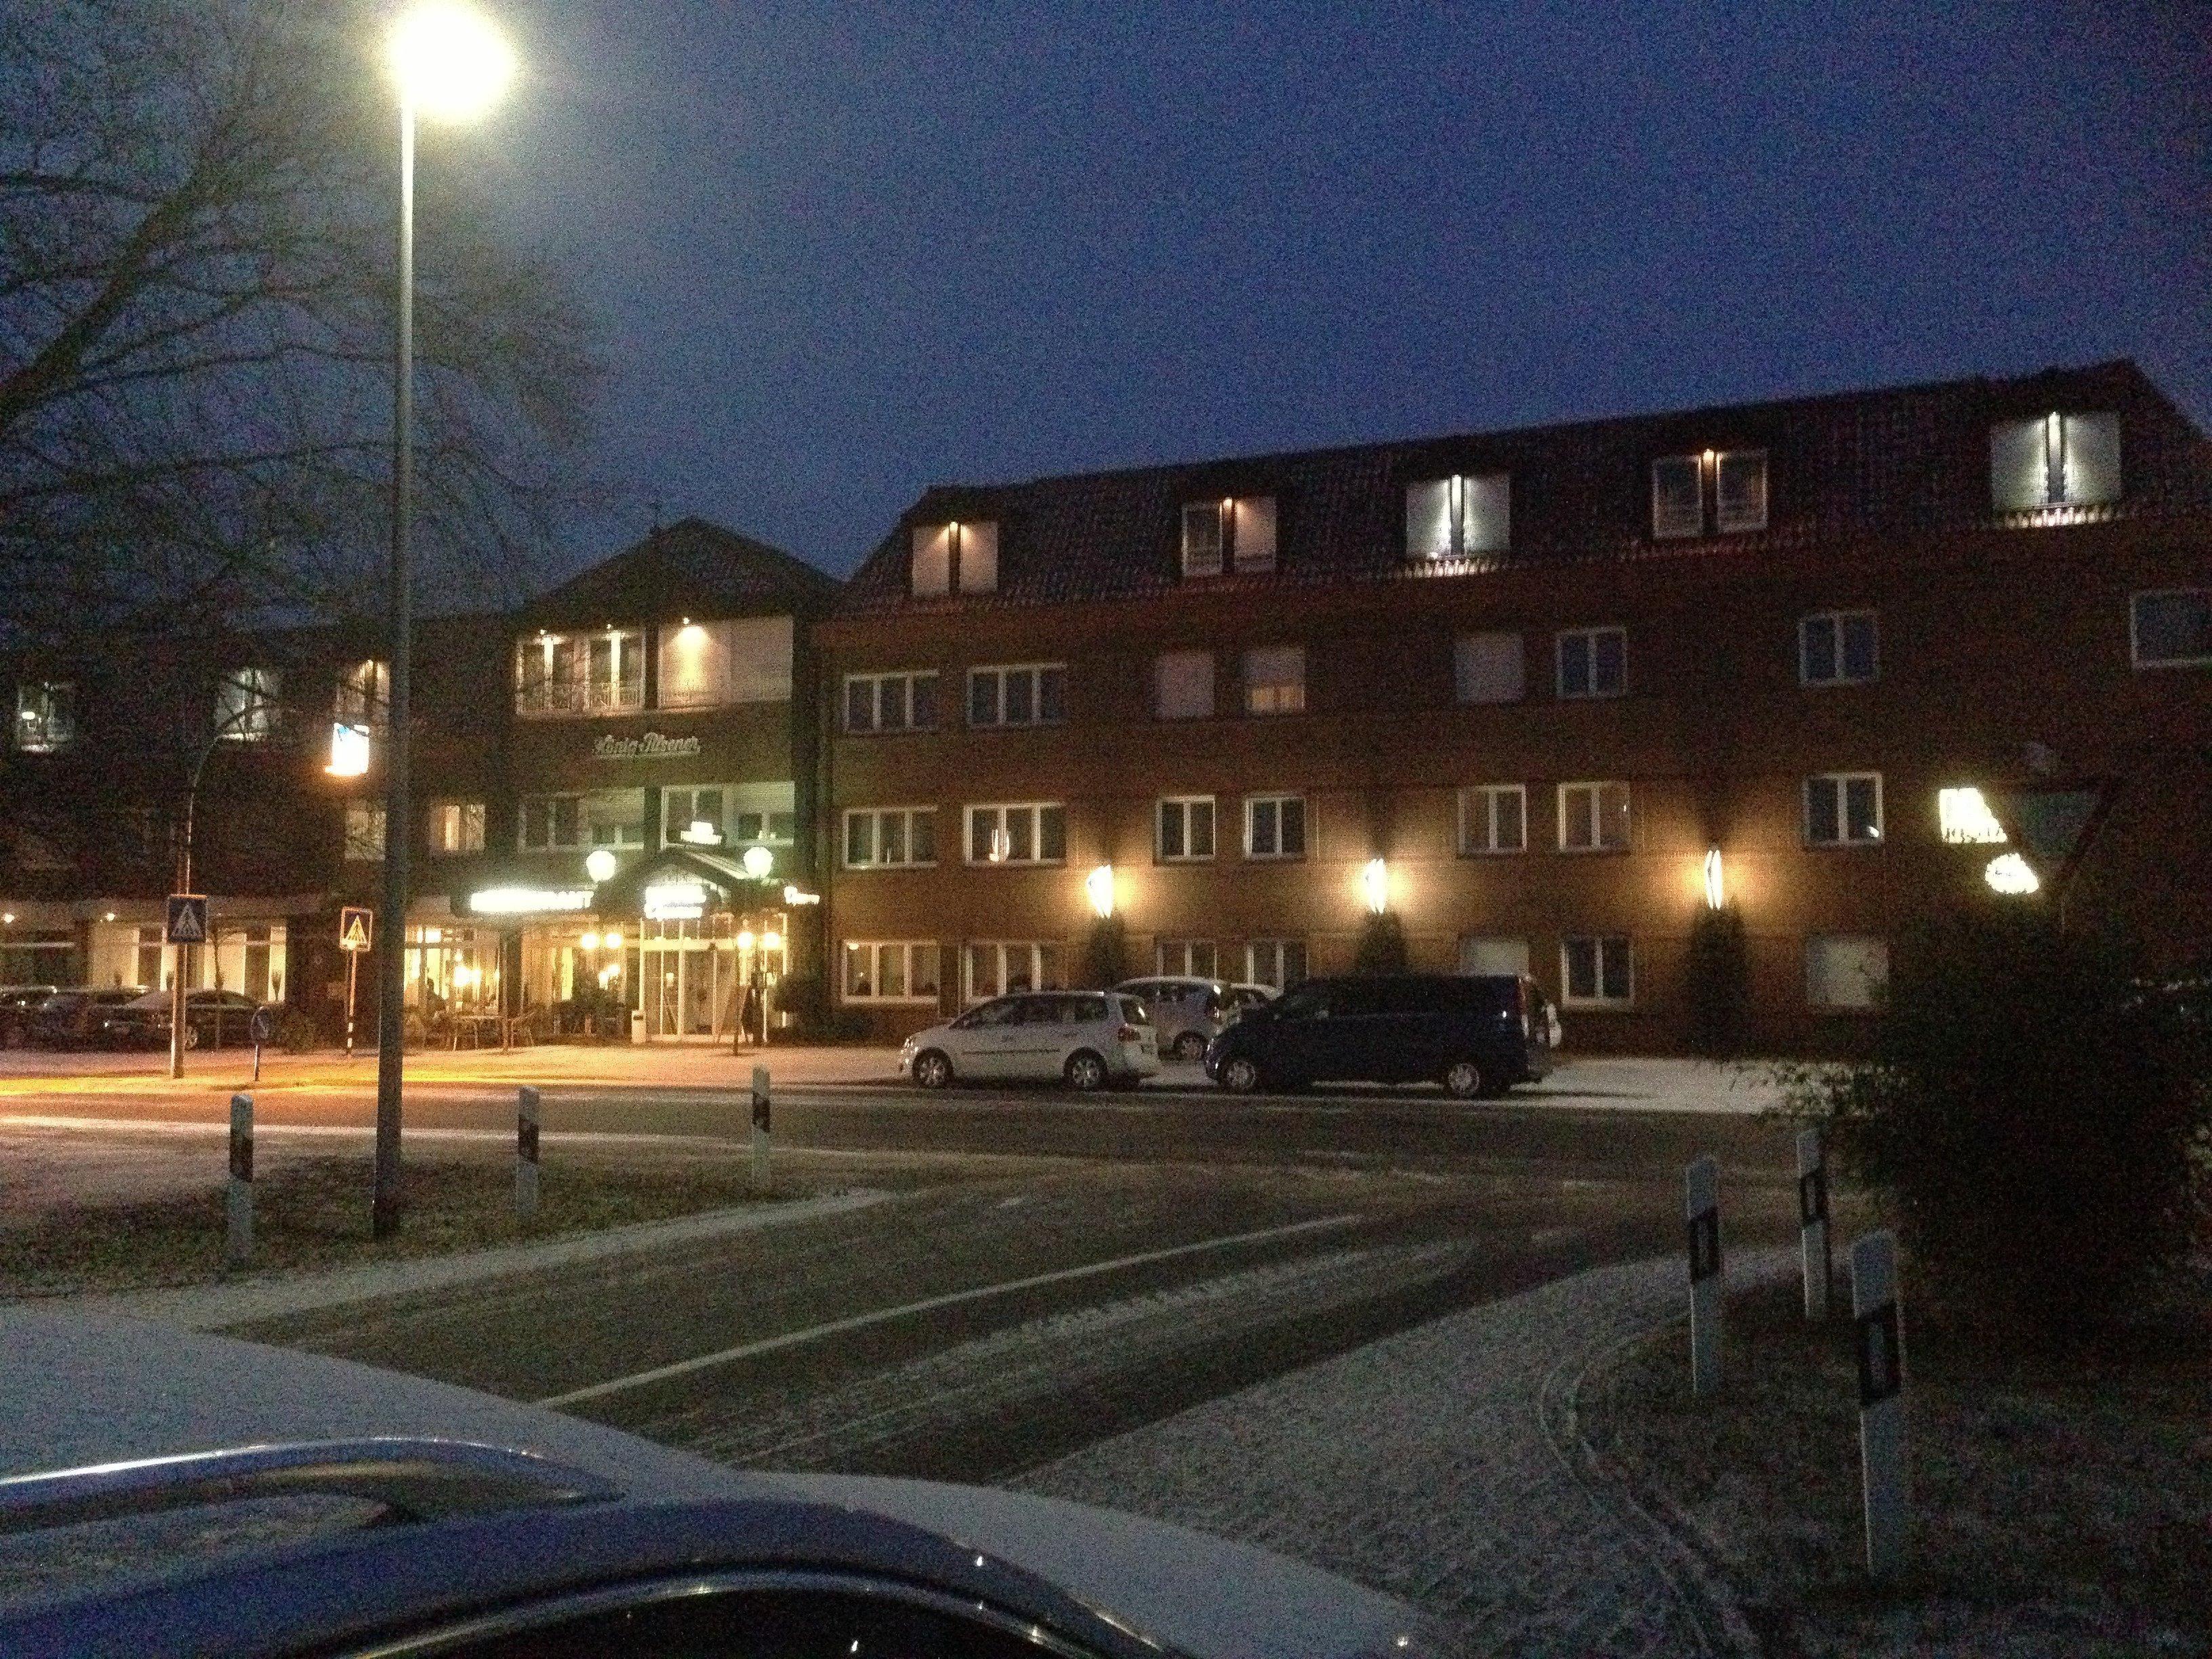 Hotel thomsen in delmenhorst holidaycheck for Hotel delmenhorst